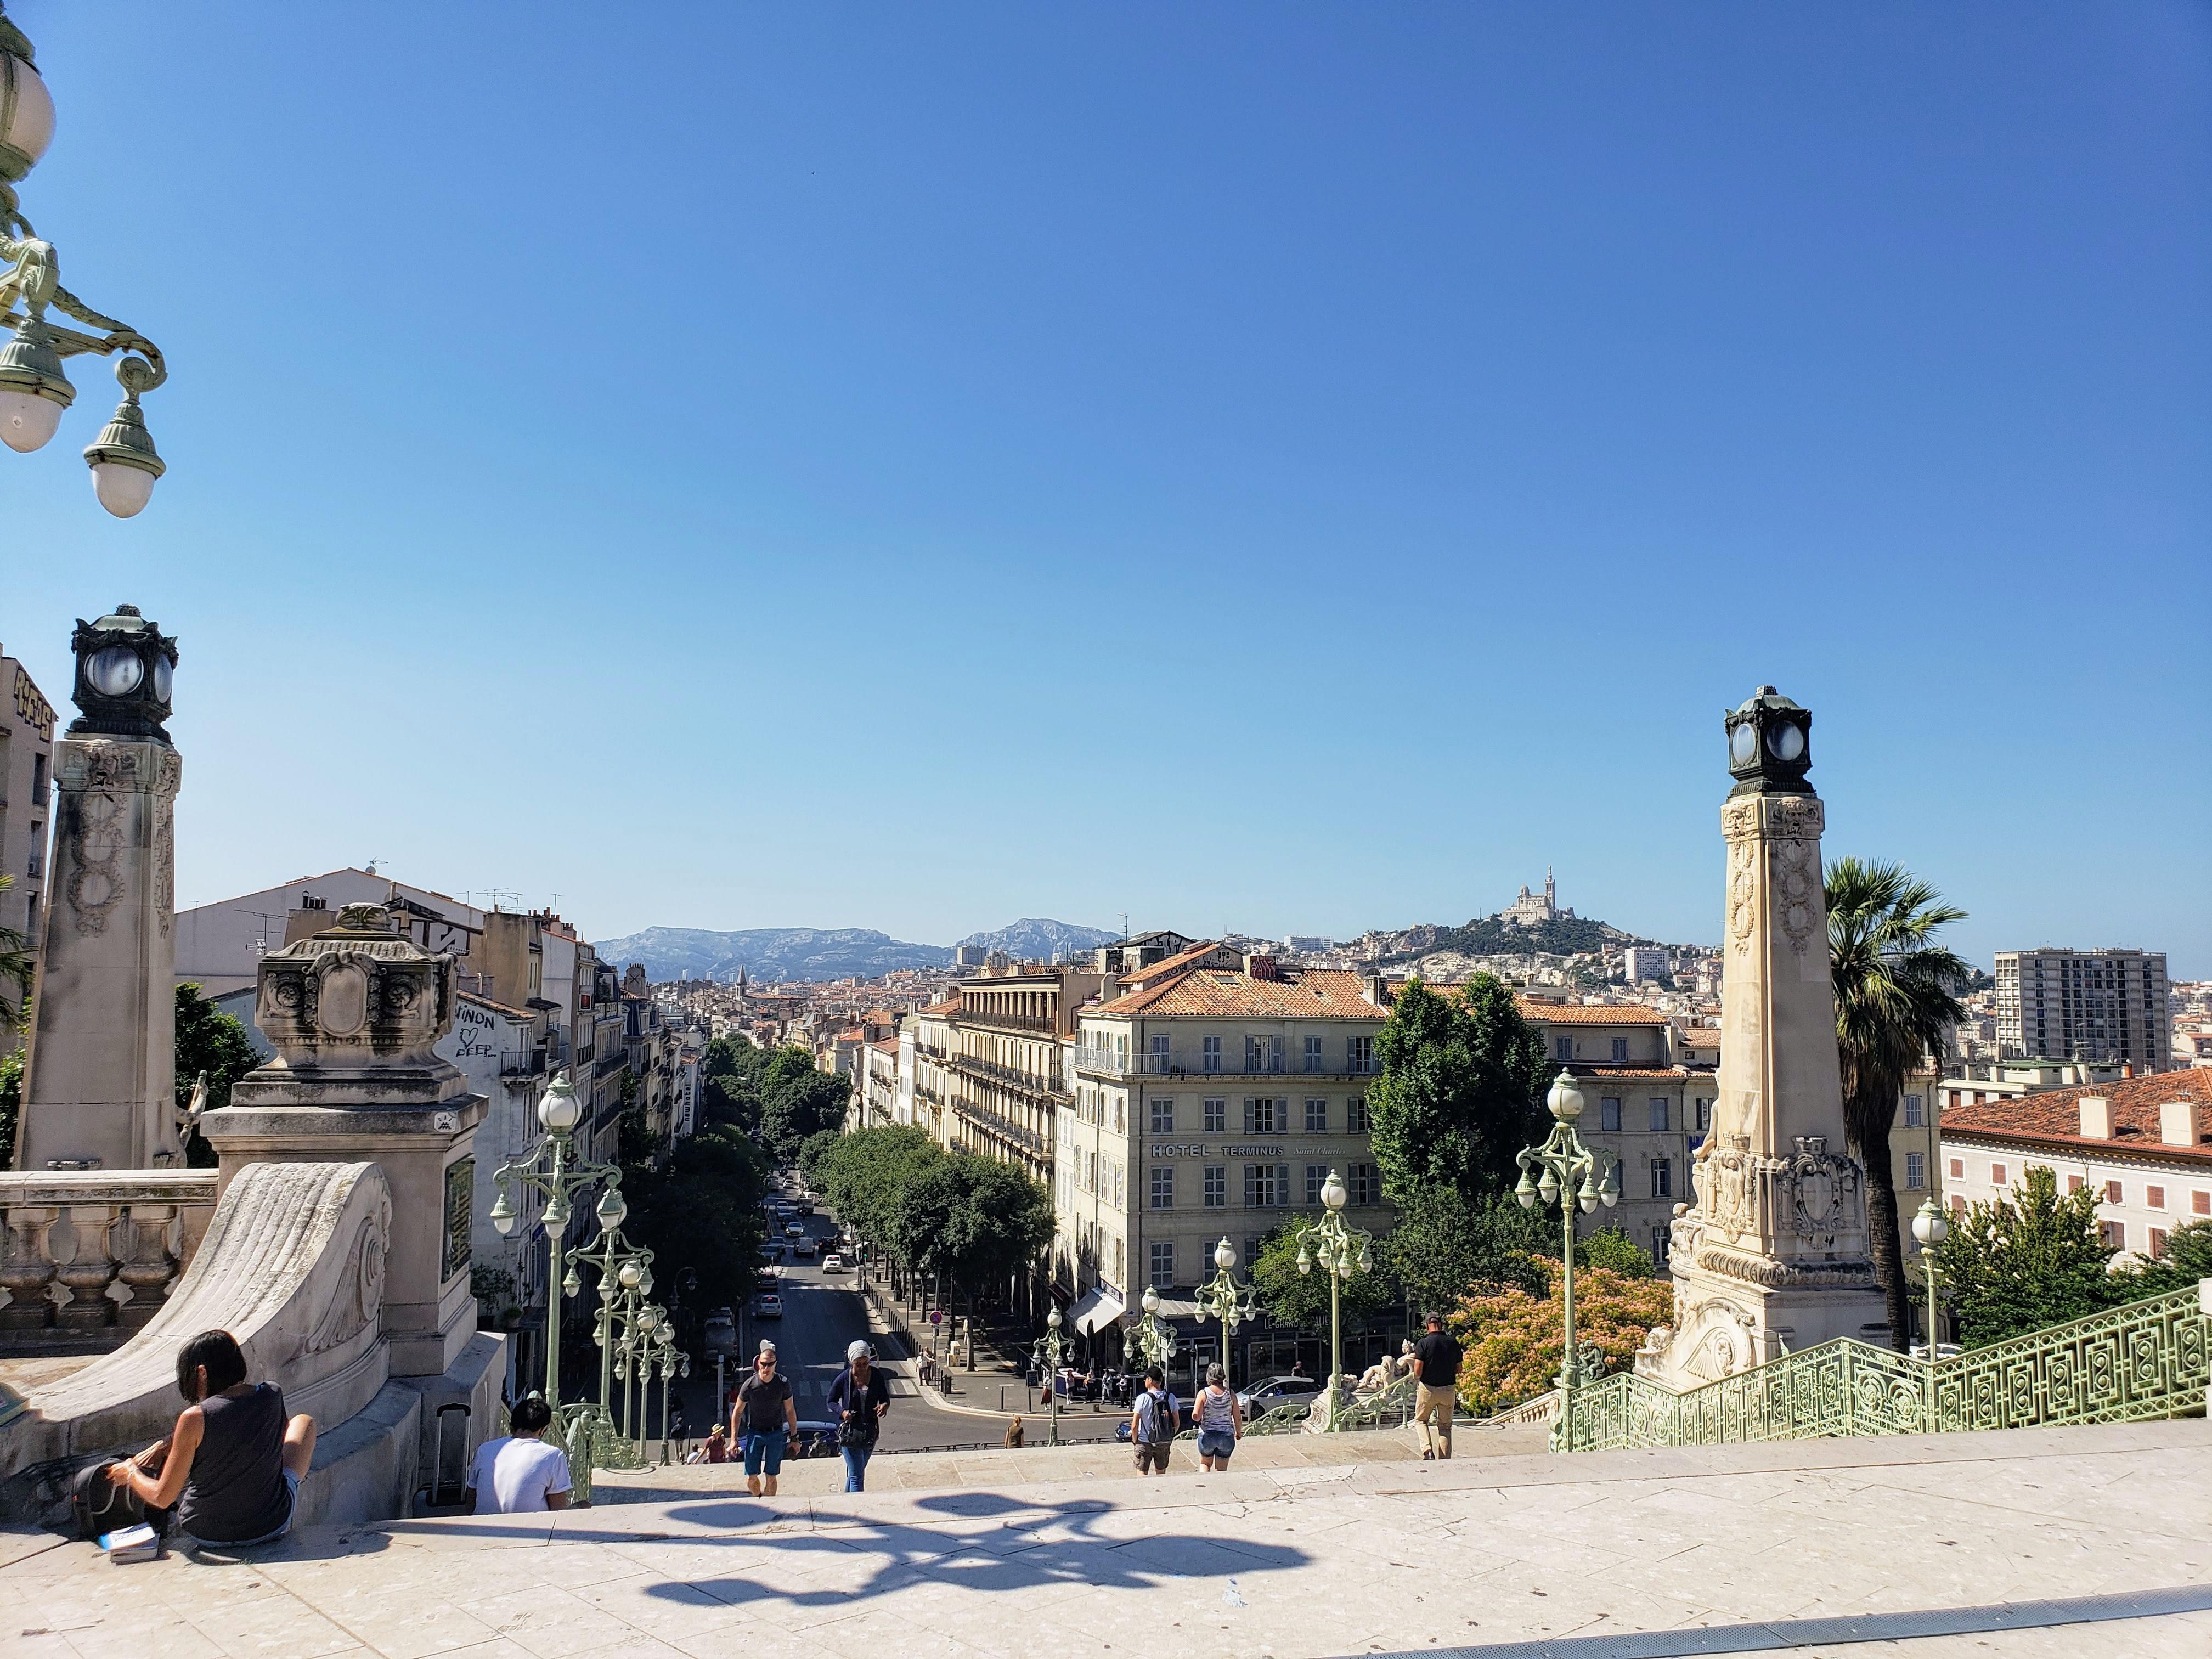 Marseille, Alpes-Côte d'Azu, France – 4 Day Trip